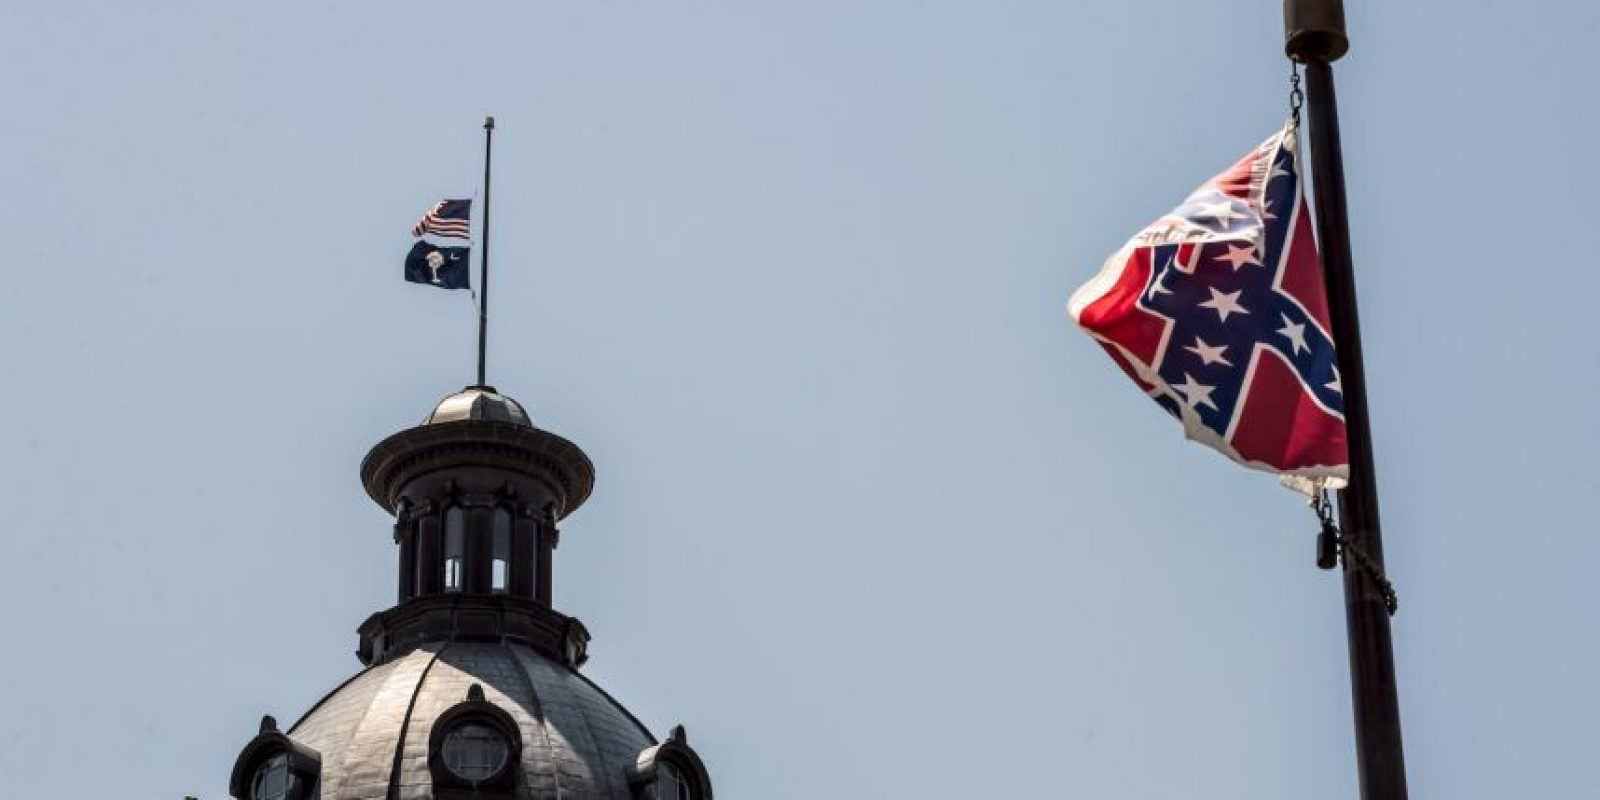 La gobernadora Nikki Haley firmó una ley que aprueba la eliminación de la bandera. Foto:Getty Images